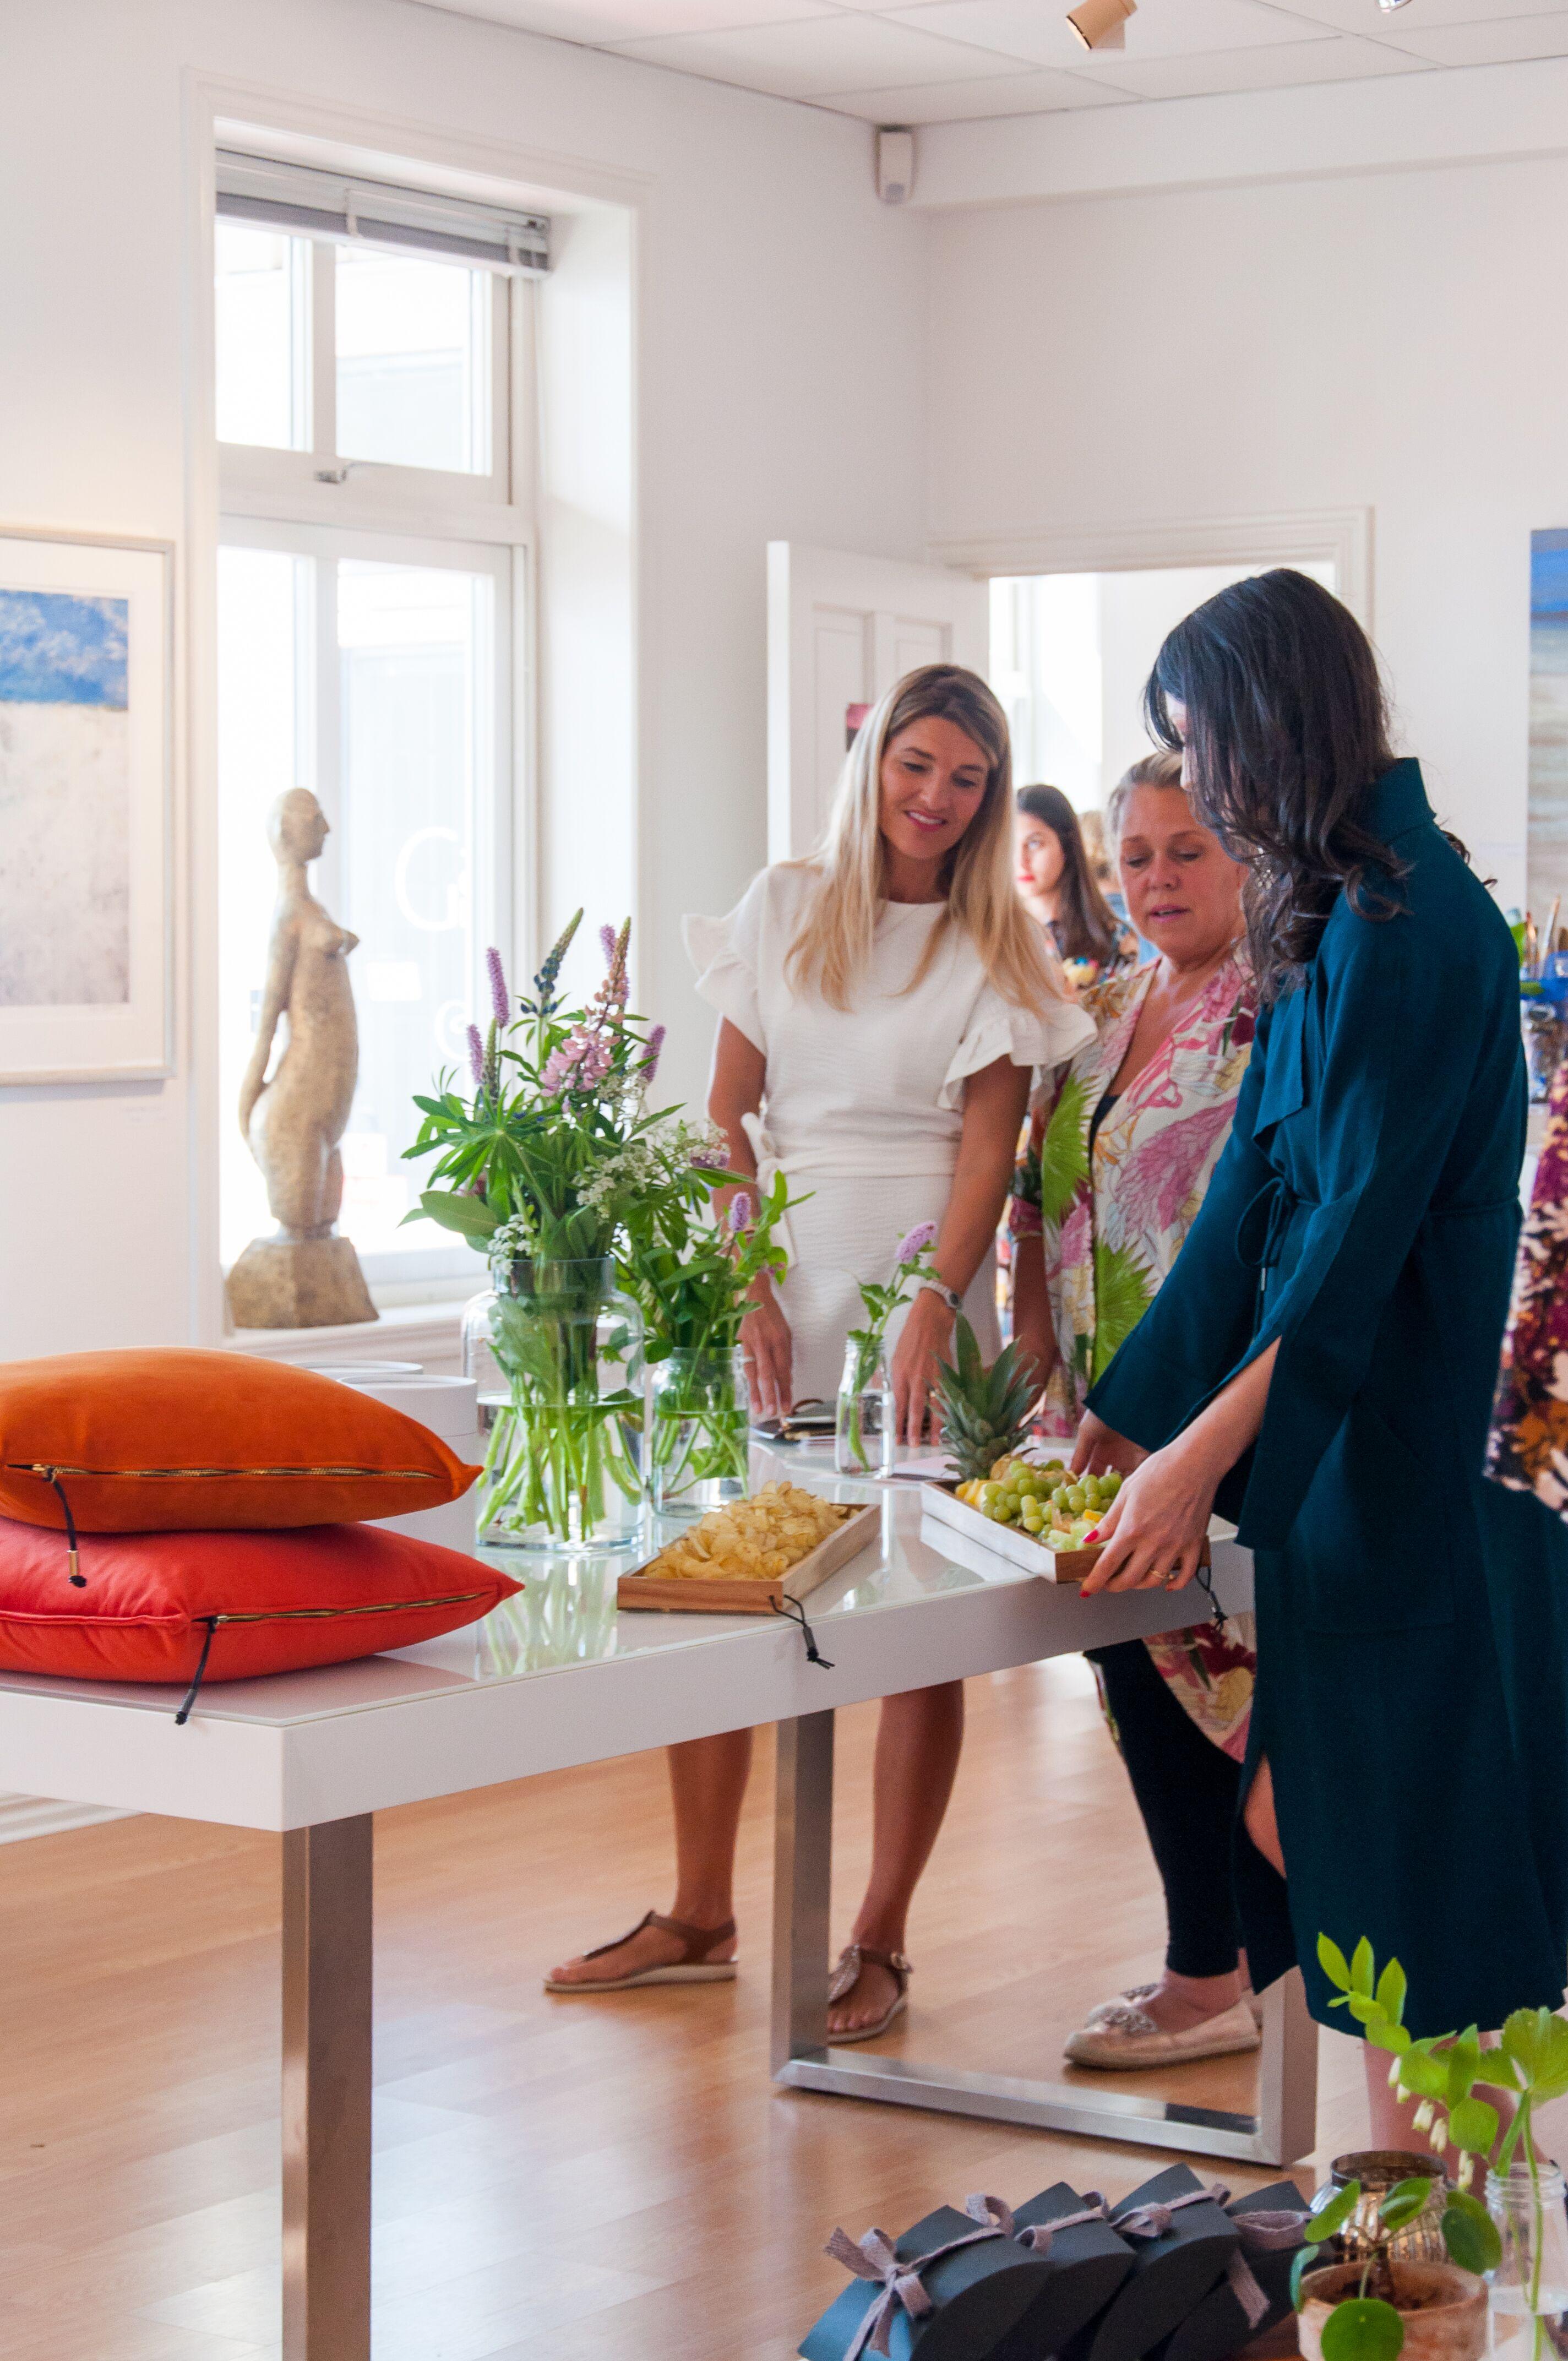 Mille W Nordisk Design, Ulrika Sohtell och Daniella från Something Borrowed - det kvinnliga nätverket Studio 25 Foto: Leonor Juhl K